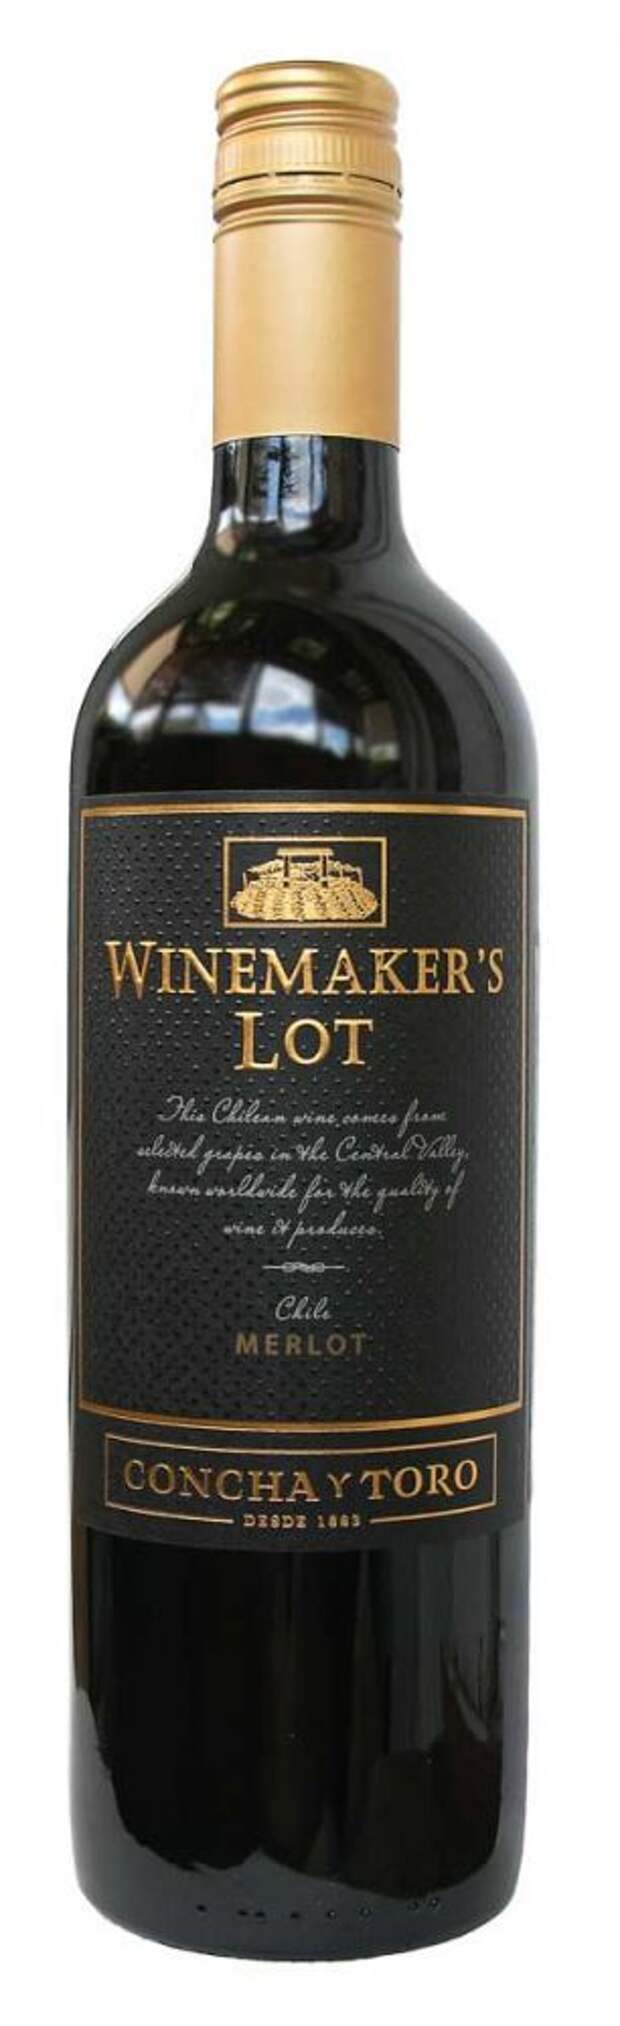 Сомелье советует 6 нормальных вин из «Пятерочки», которые стоят не дороже 600 рублей